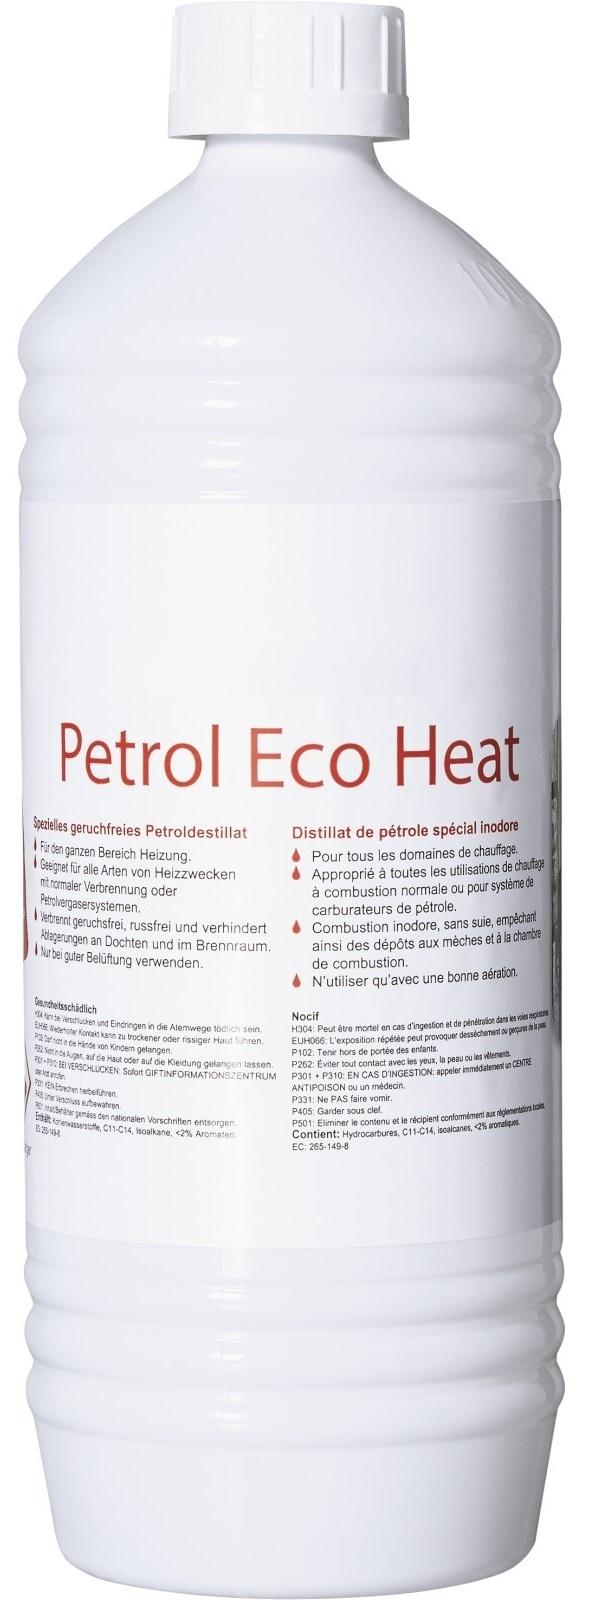 Petrol 1.0l Petroleum, Paraffin-Öl, Kerosene, Kerosin